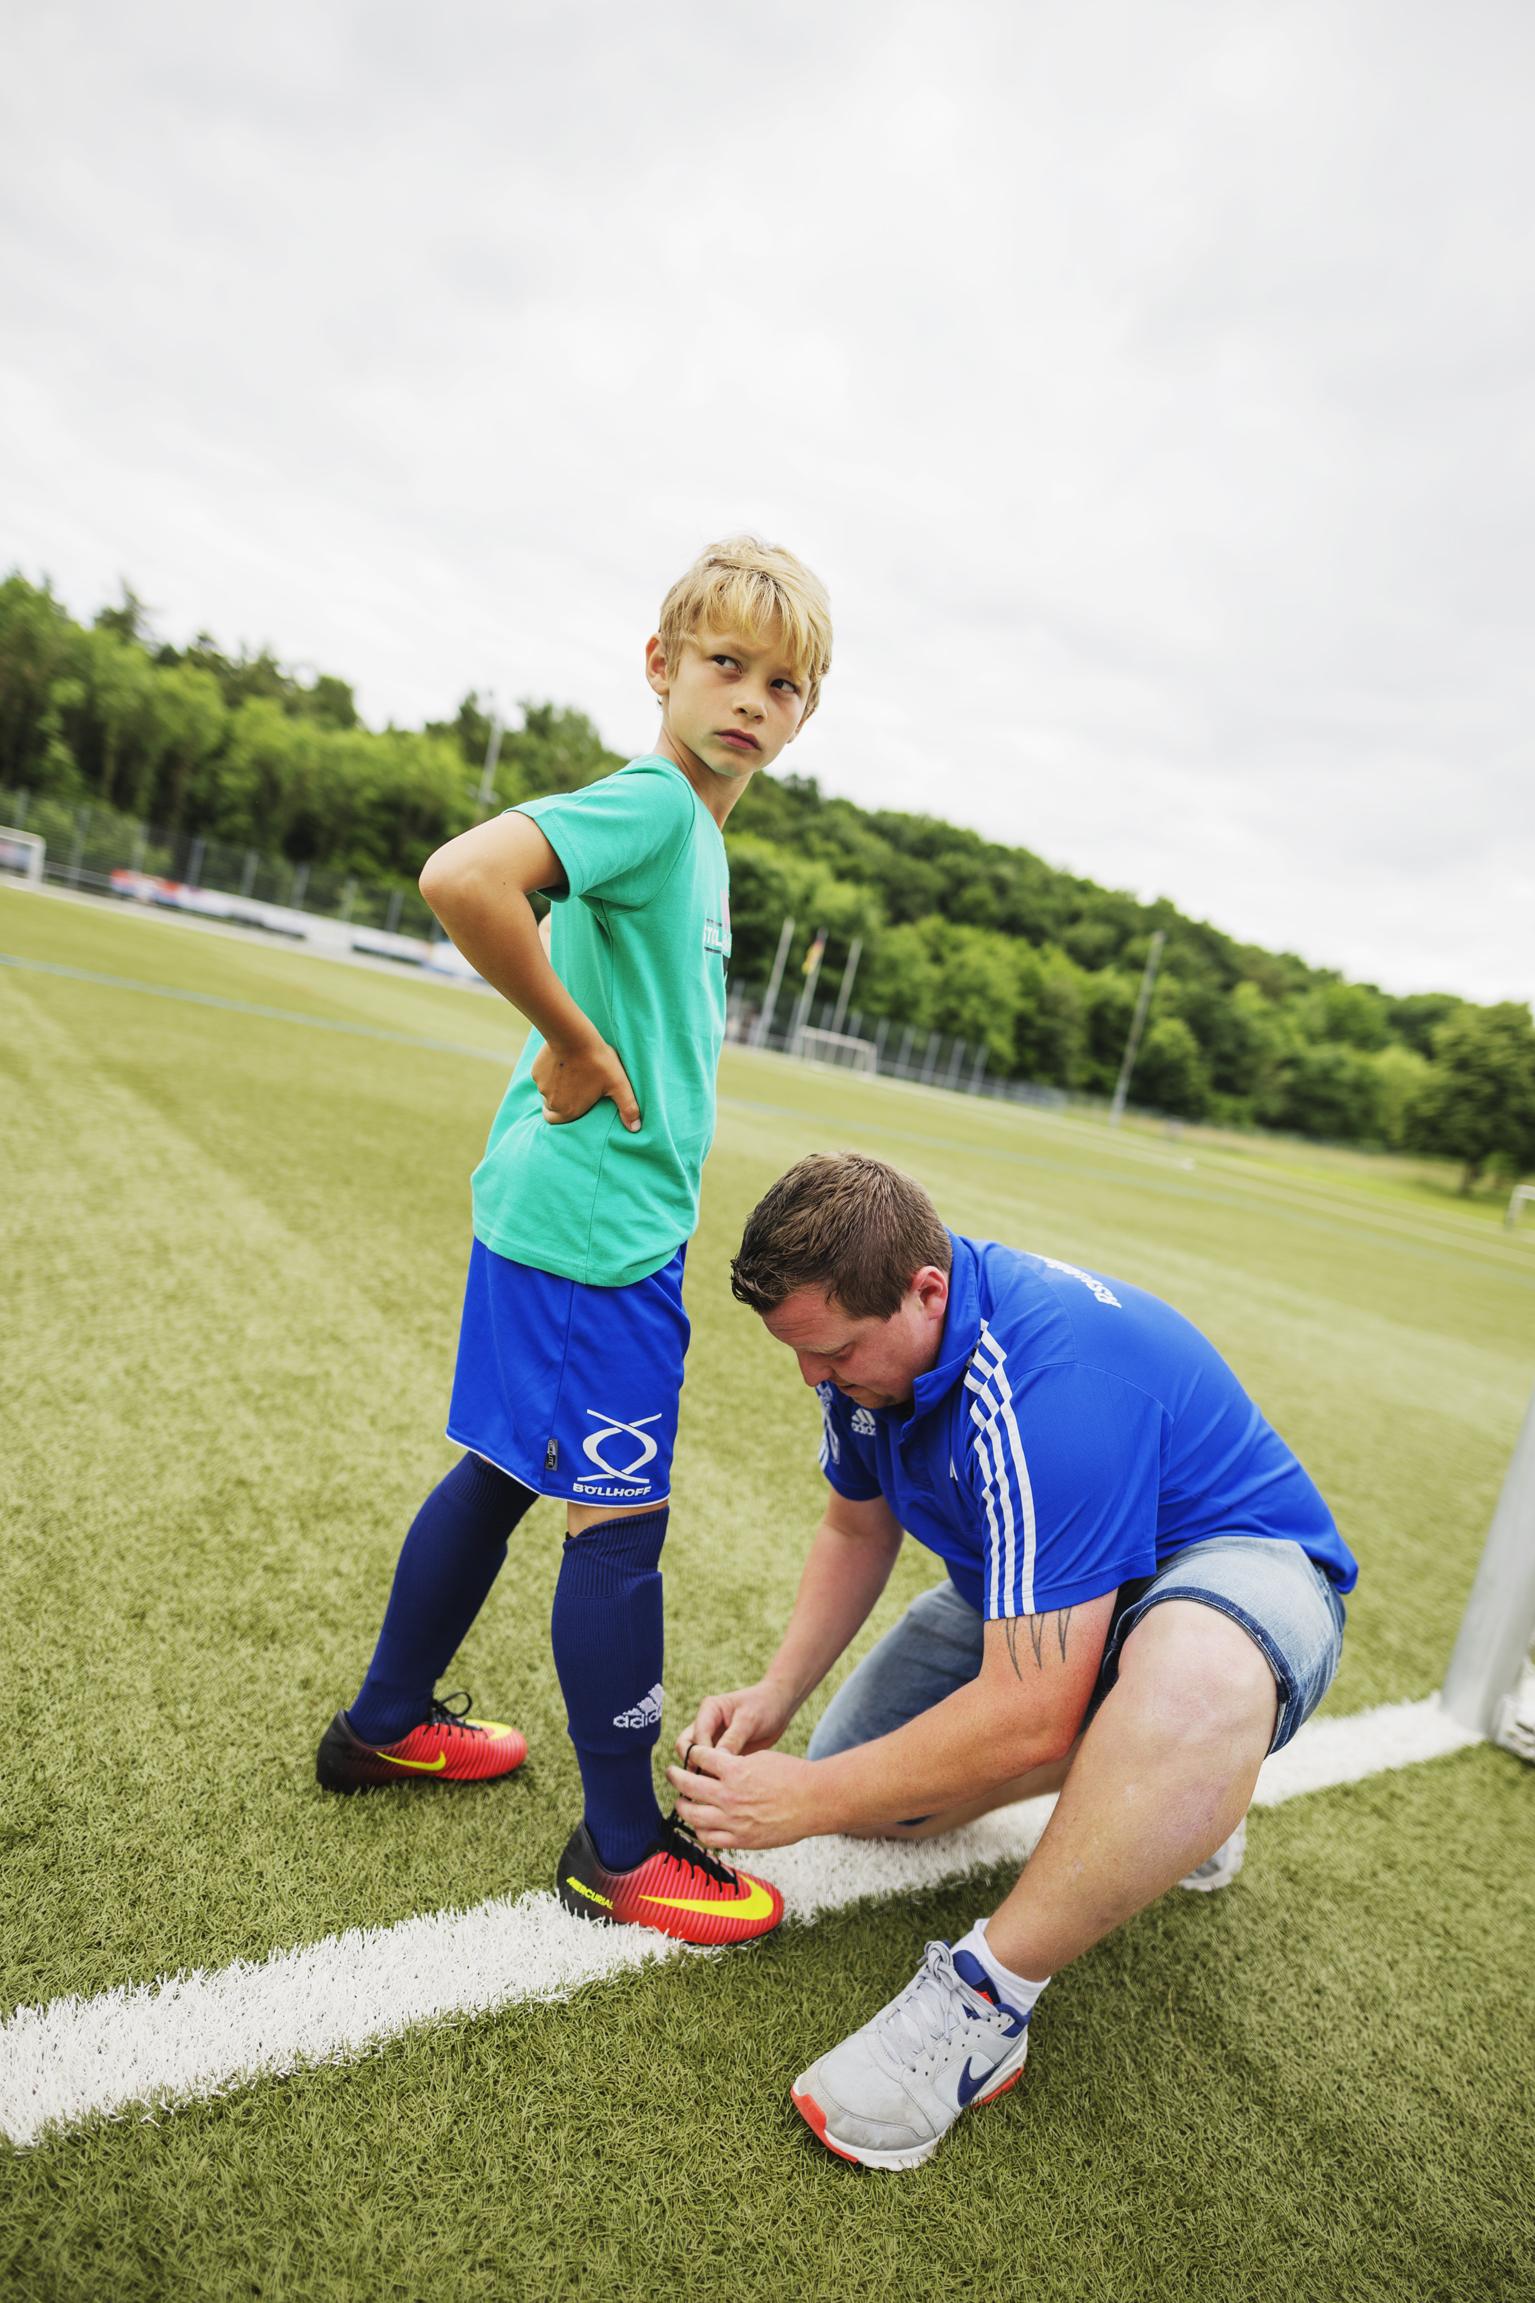 Ein Albtraum für alle übermotivierten Fußball-Eltern: der emotionale Jugendtrainer-Typ.